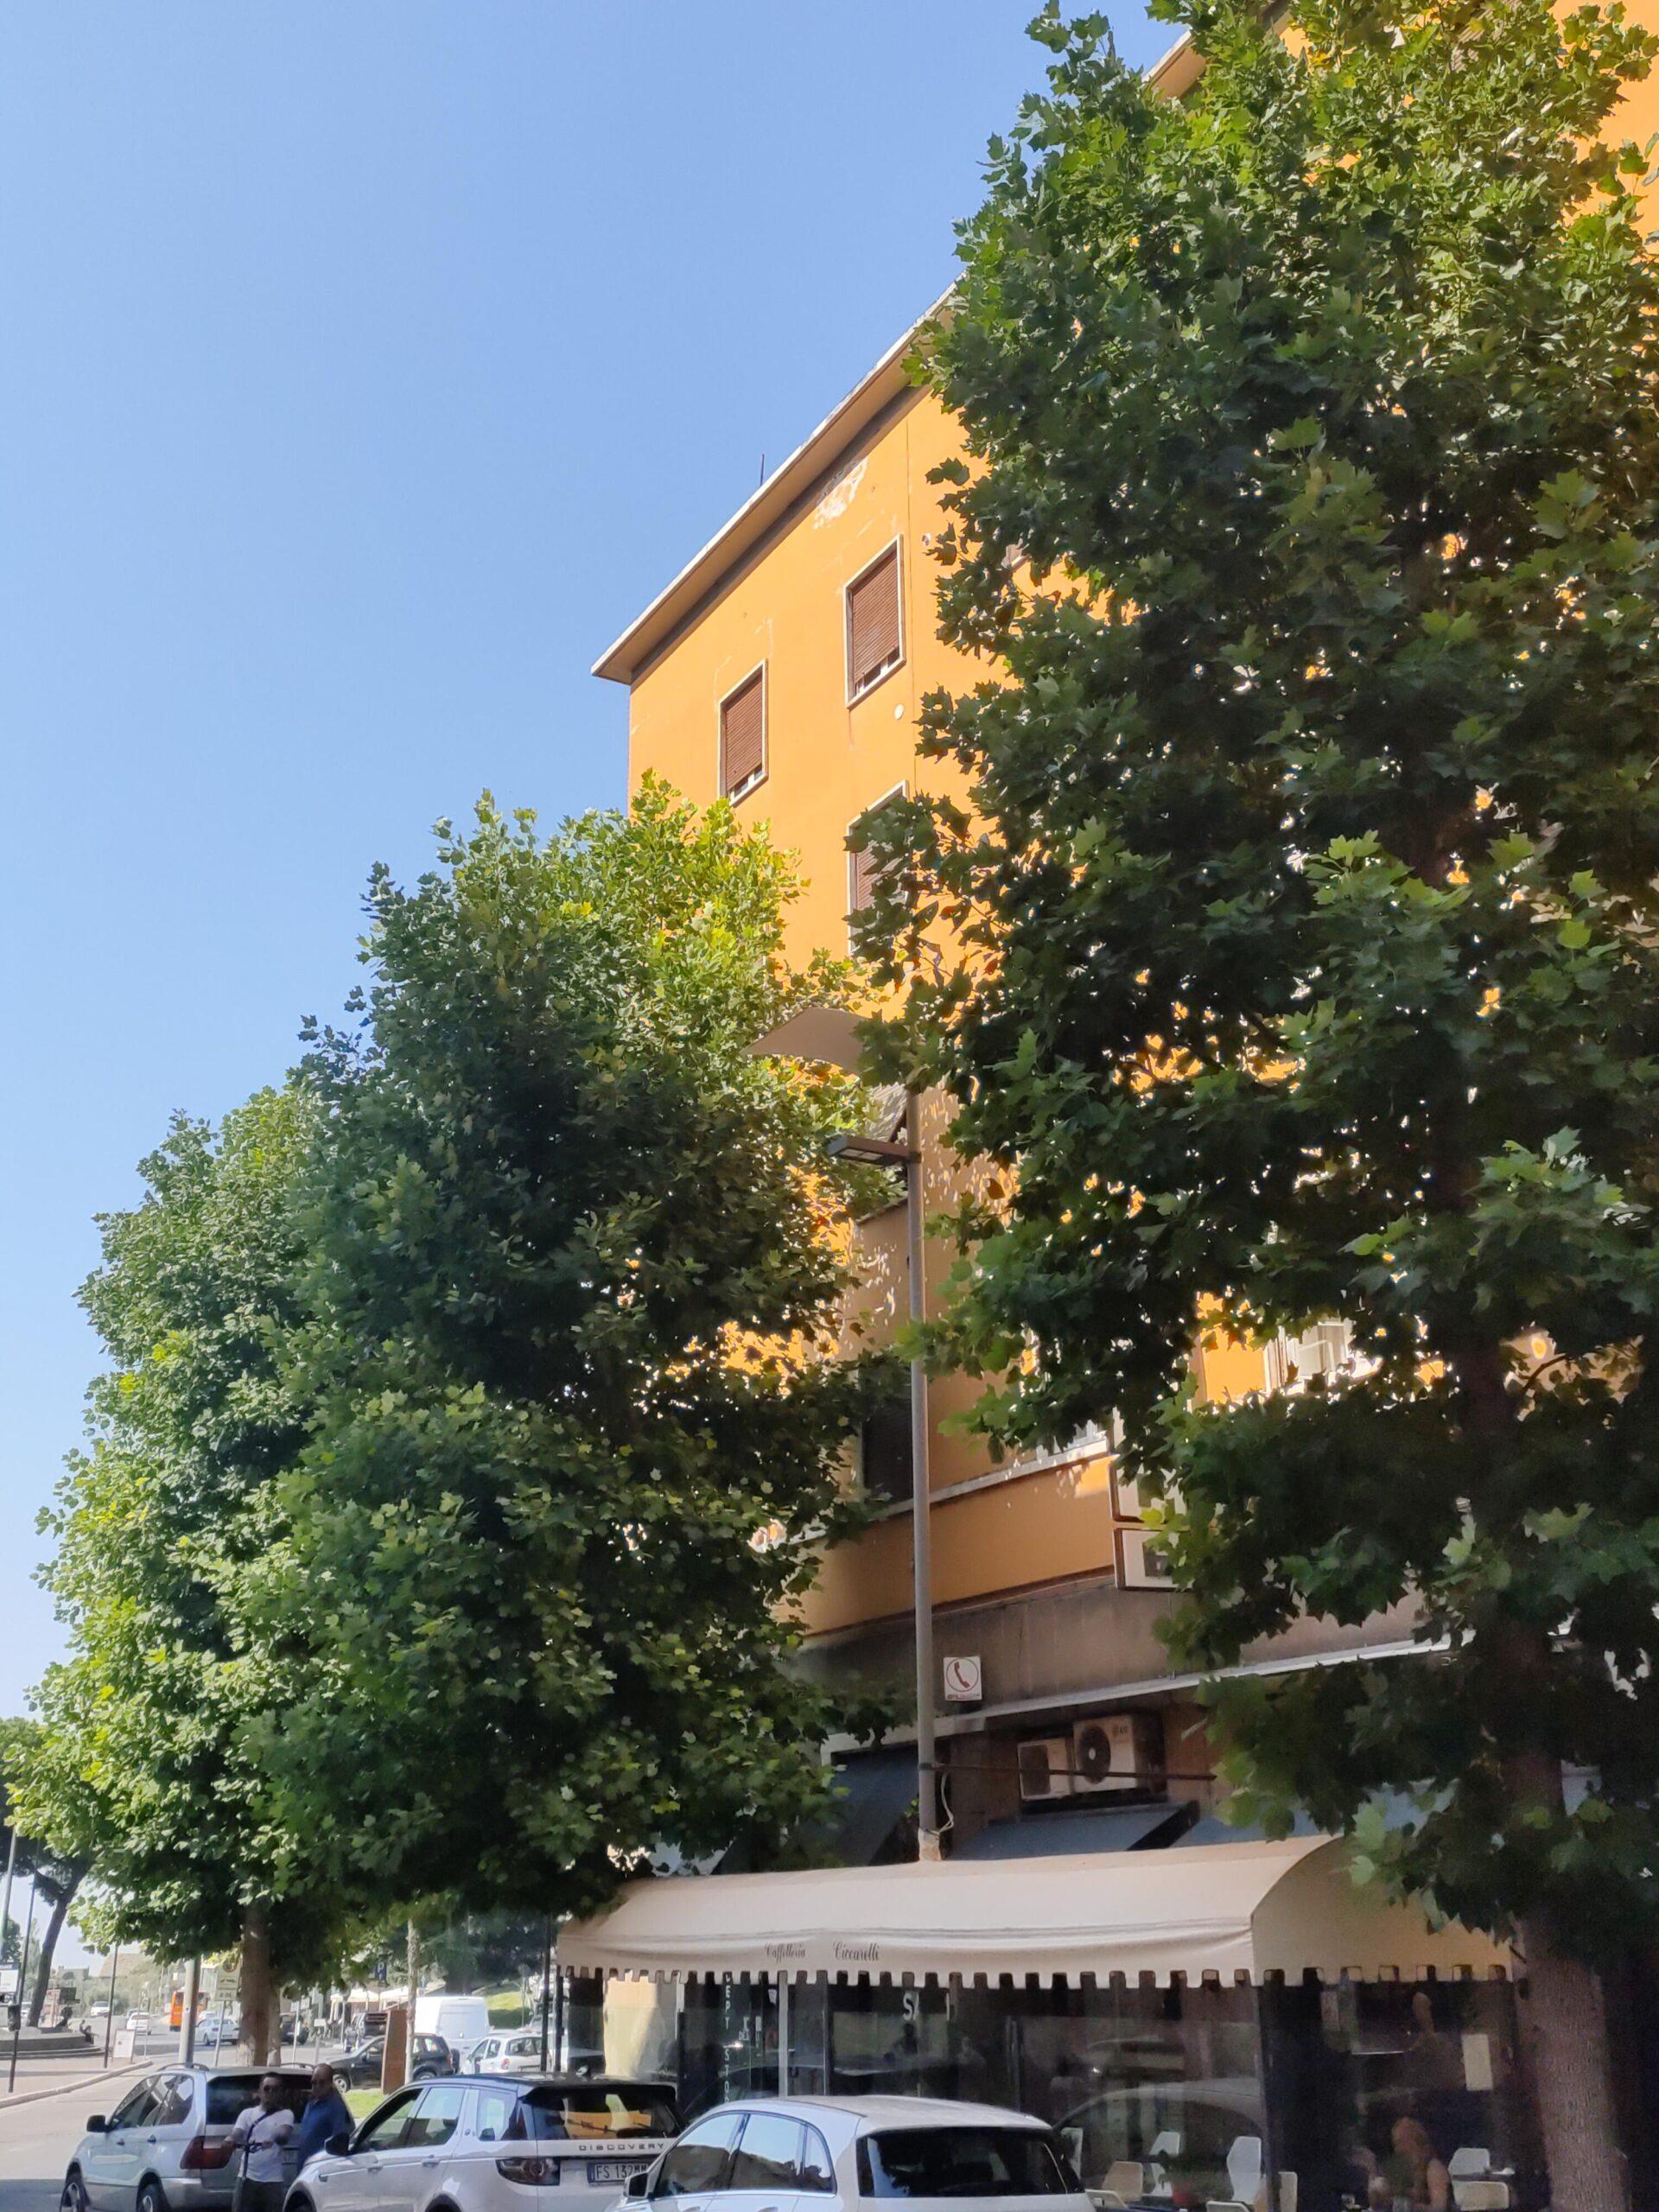 """Viterbo, """"la capitale dei parcheggi selvaggi"""", da Boulevard Marconi a Garage Marconi il passo è breve"""